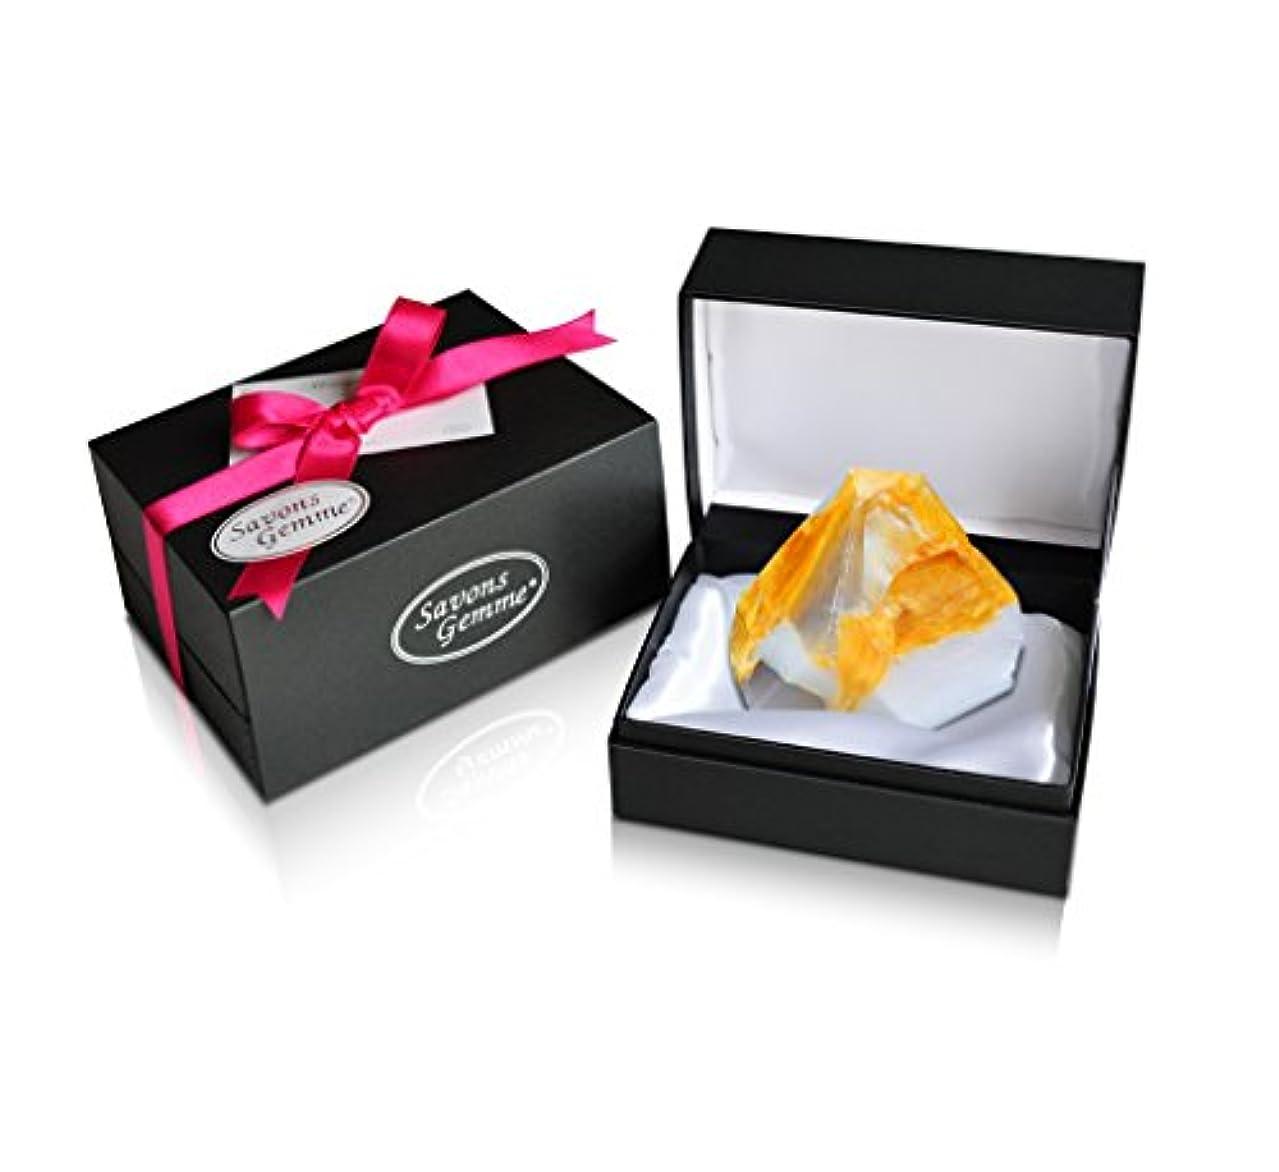 前部苗確率Savons Gemme サボンジェム ジュエリーギフトボックス 世界で一番美しい宝石石鹸 フレグランス ソープ 宝石箱のようなラグジュアリー感を演出 アルバトールオリエンタル 170g 【日本総代理店品】